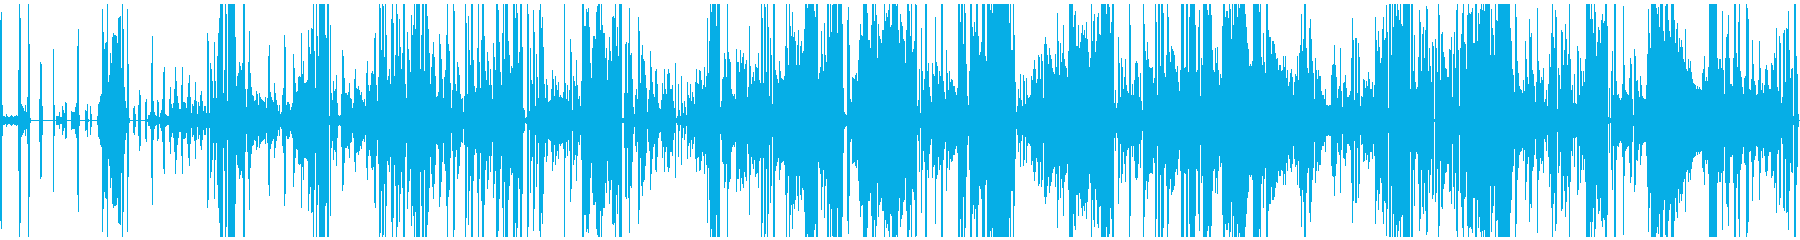 サラサラ ジャズ フュージョン フ...の再生済みの波形